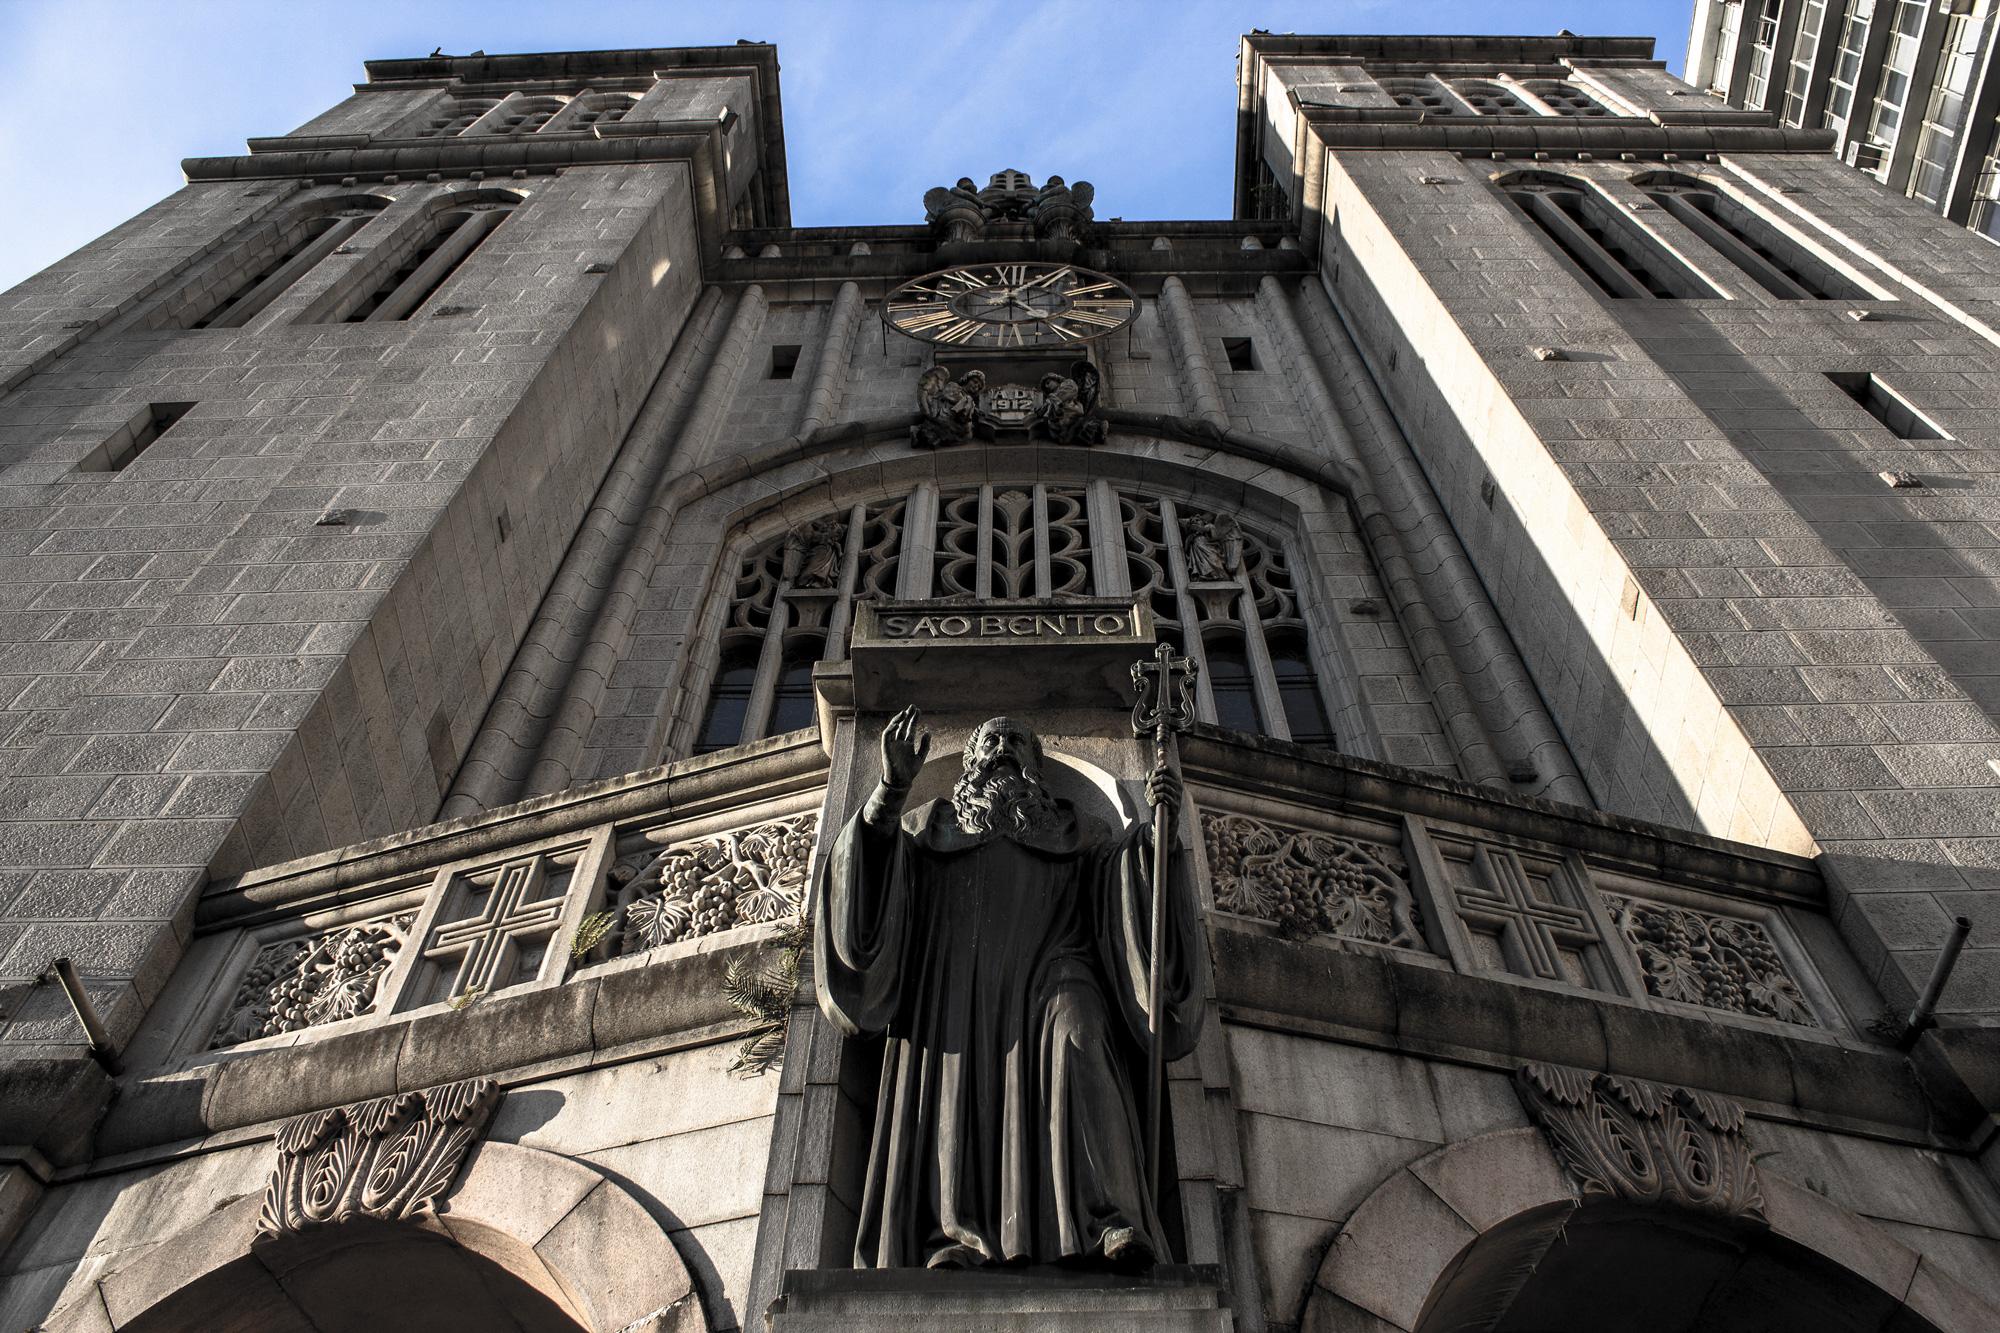 Fachada do Mosteiro e Igreja de São Bento, no centro de São Paulo, SP. (São Paulo, SP, 03.08.2012. Foto de Alf Ribeiro/Folhapress)